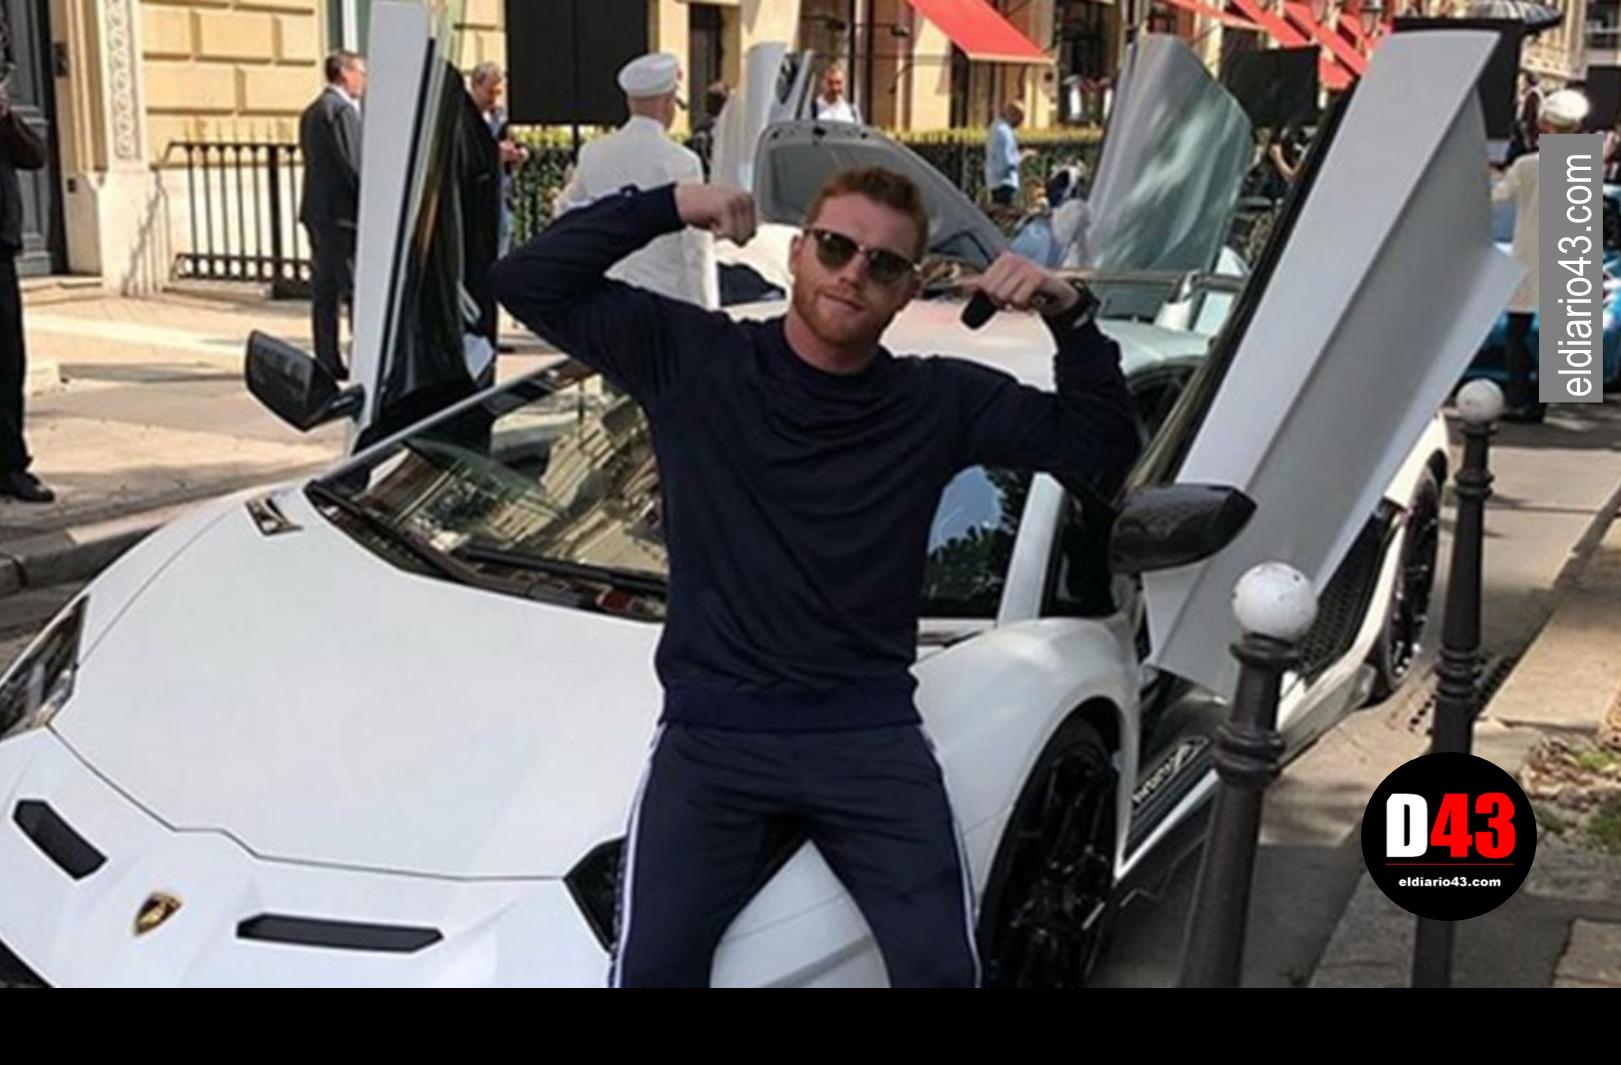 El 'Canelo' presumió su Lamborghini de 8 mdp en Francia